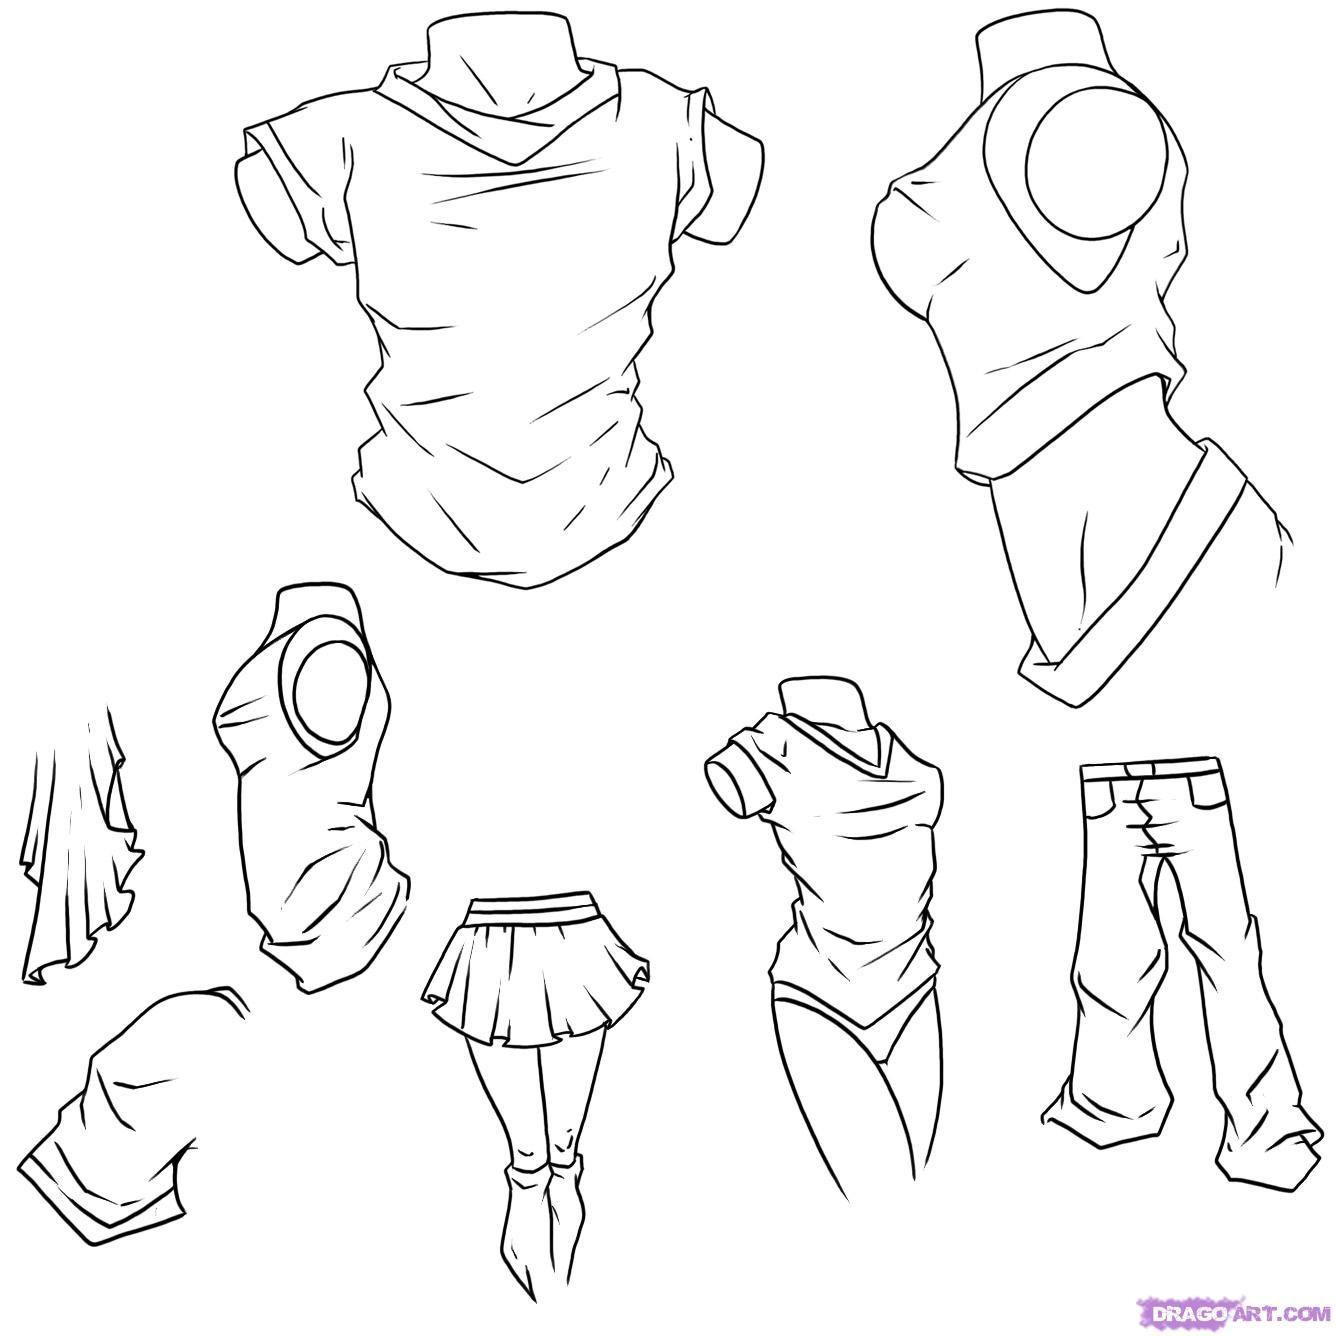 How To Draw Anime Clothes By Dawn Desenhando Roupas De Anime